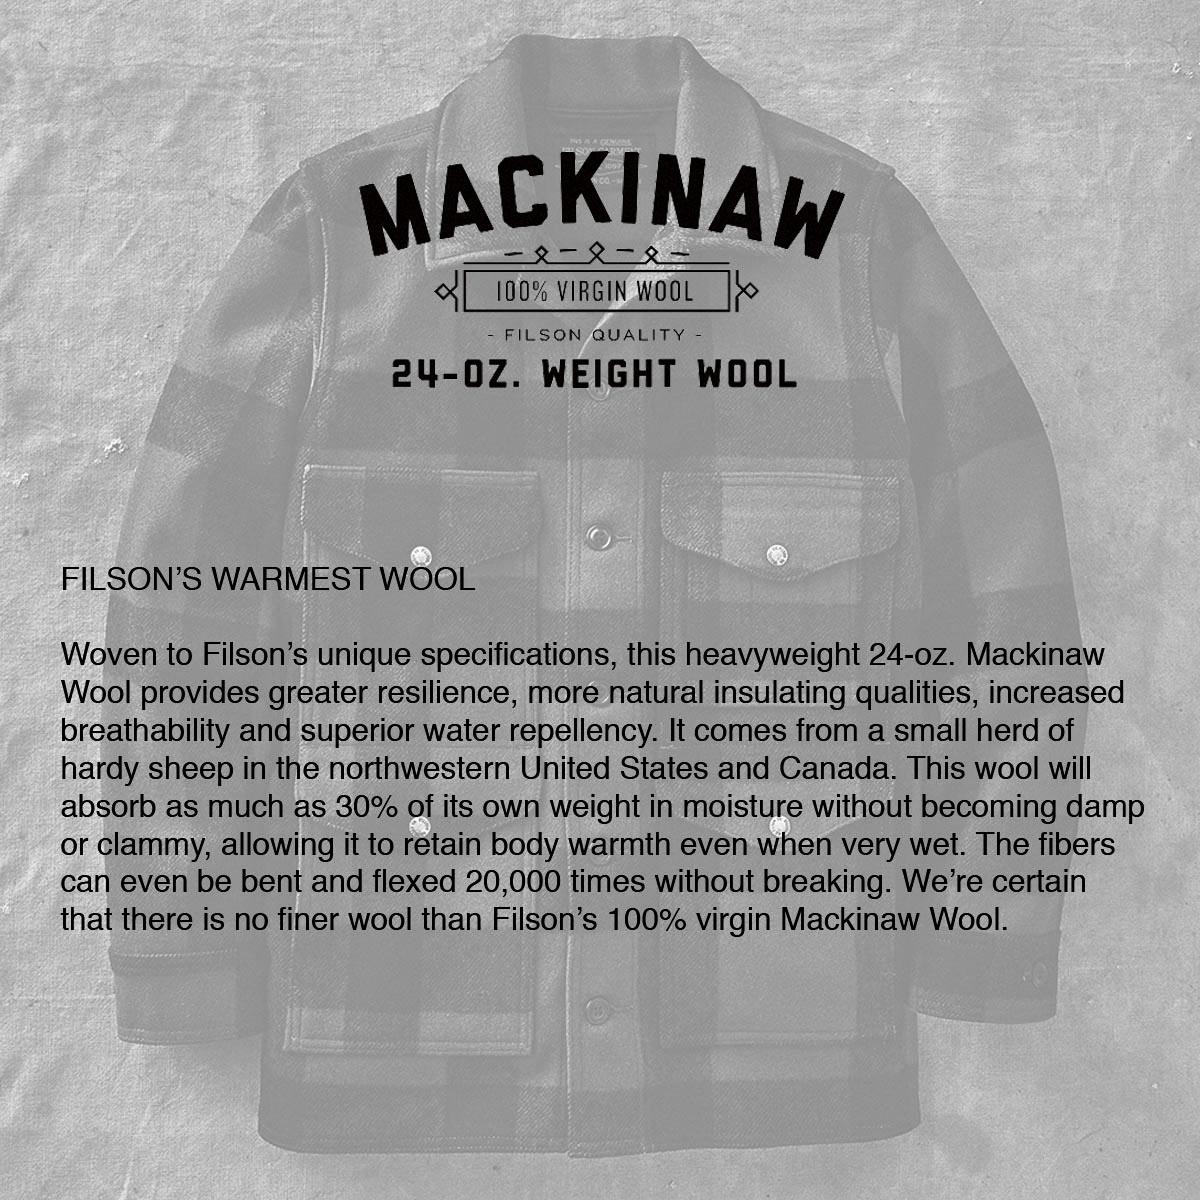 Filson Mackinaw Cruiser Jacket Charcoal, het vlaggenschip van Filson, gemaakt met extreem duurzame, regenafstotende 100% Virgin Mackinaw Wool, die je warm houdt, zelfs als het nat wordt.